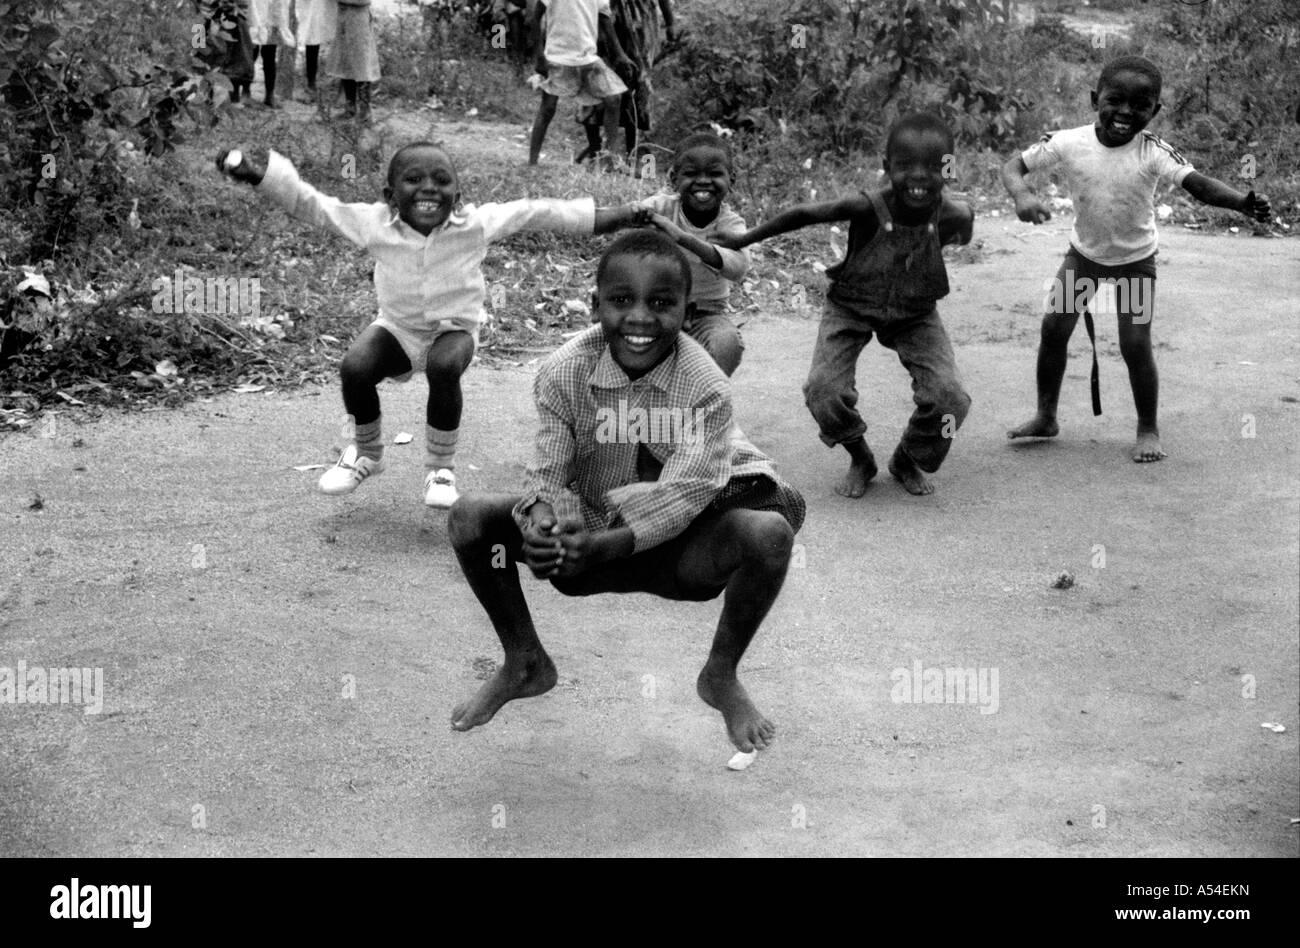 Painet hn2026 718 en blanco y negro los niños del campamento de refugiados burundeses hutus butare rwanda país nación en vías de desarrollo menos Foto de stock